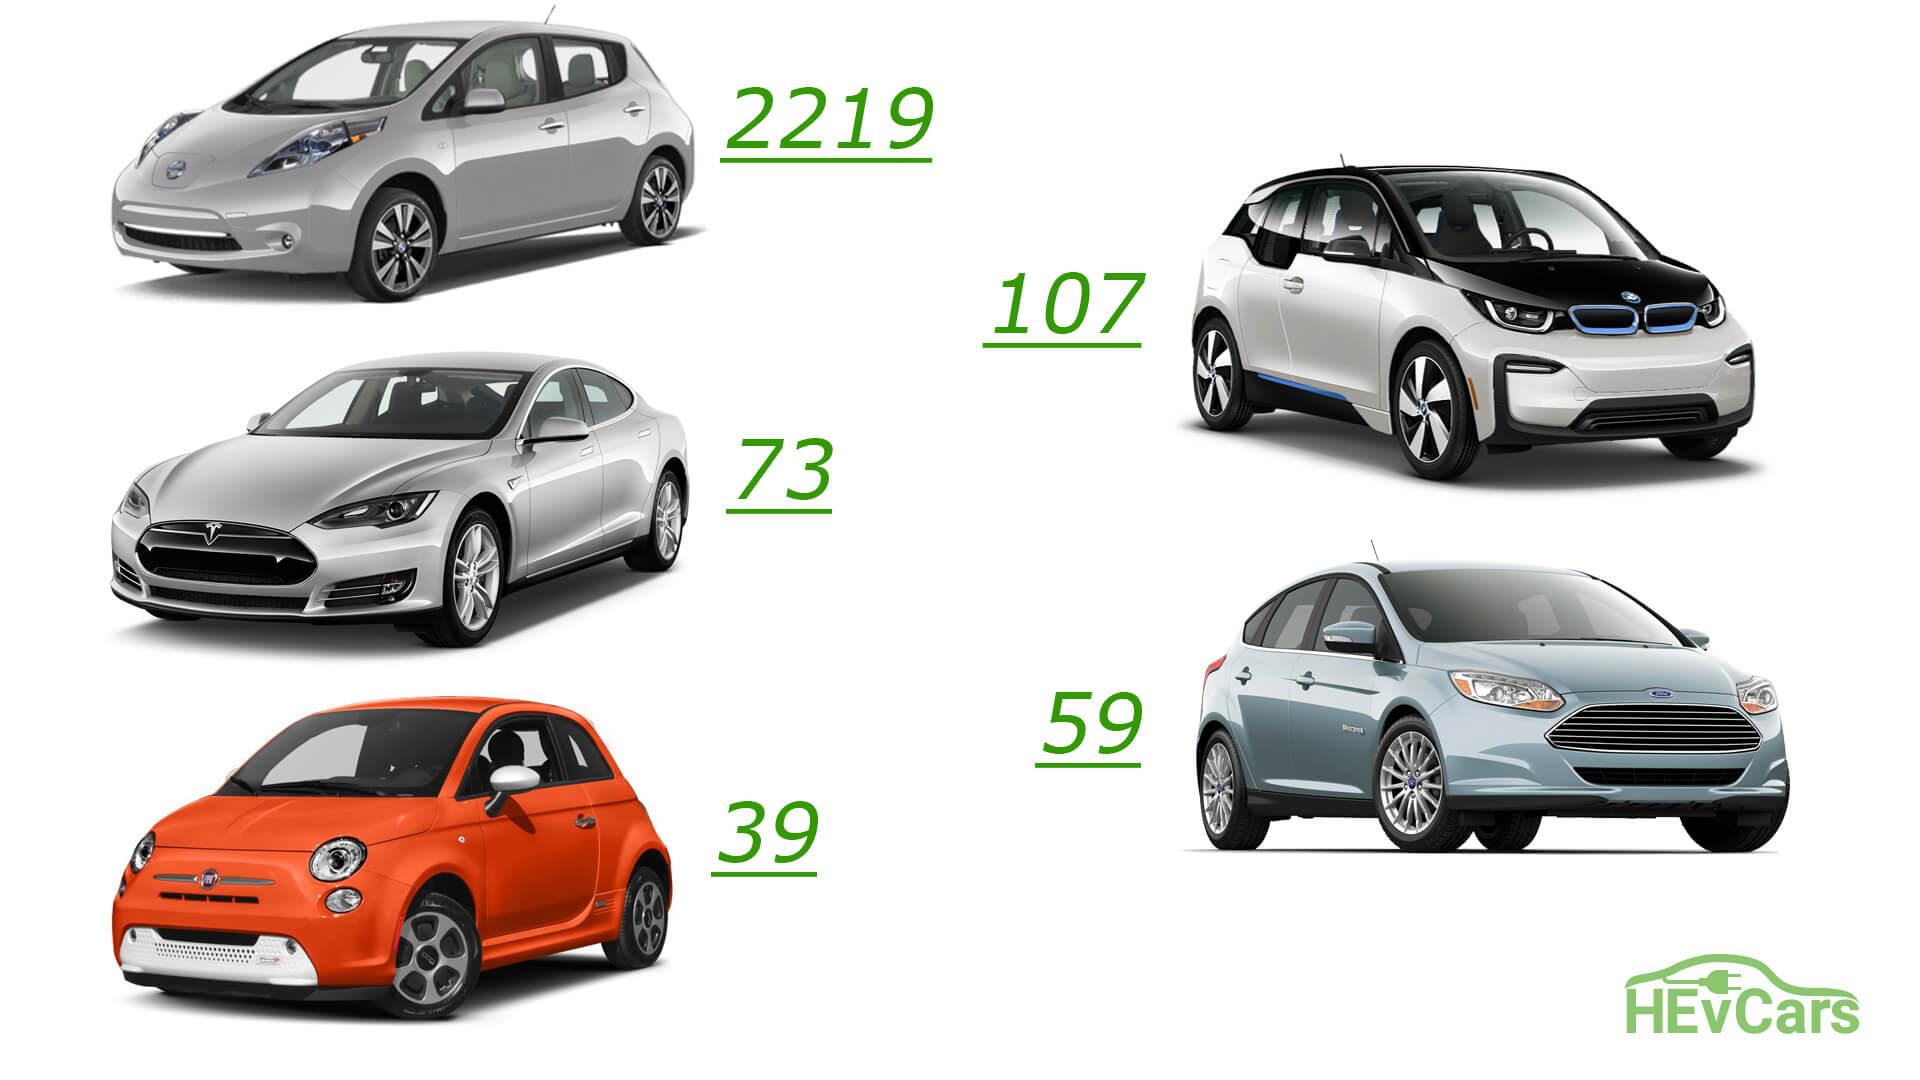 ТОП 5 электромобилей по продажам в Украине за 2017 год